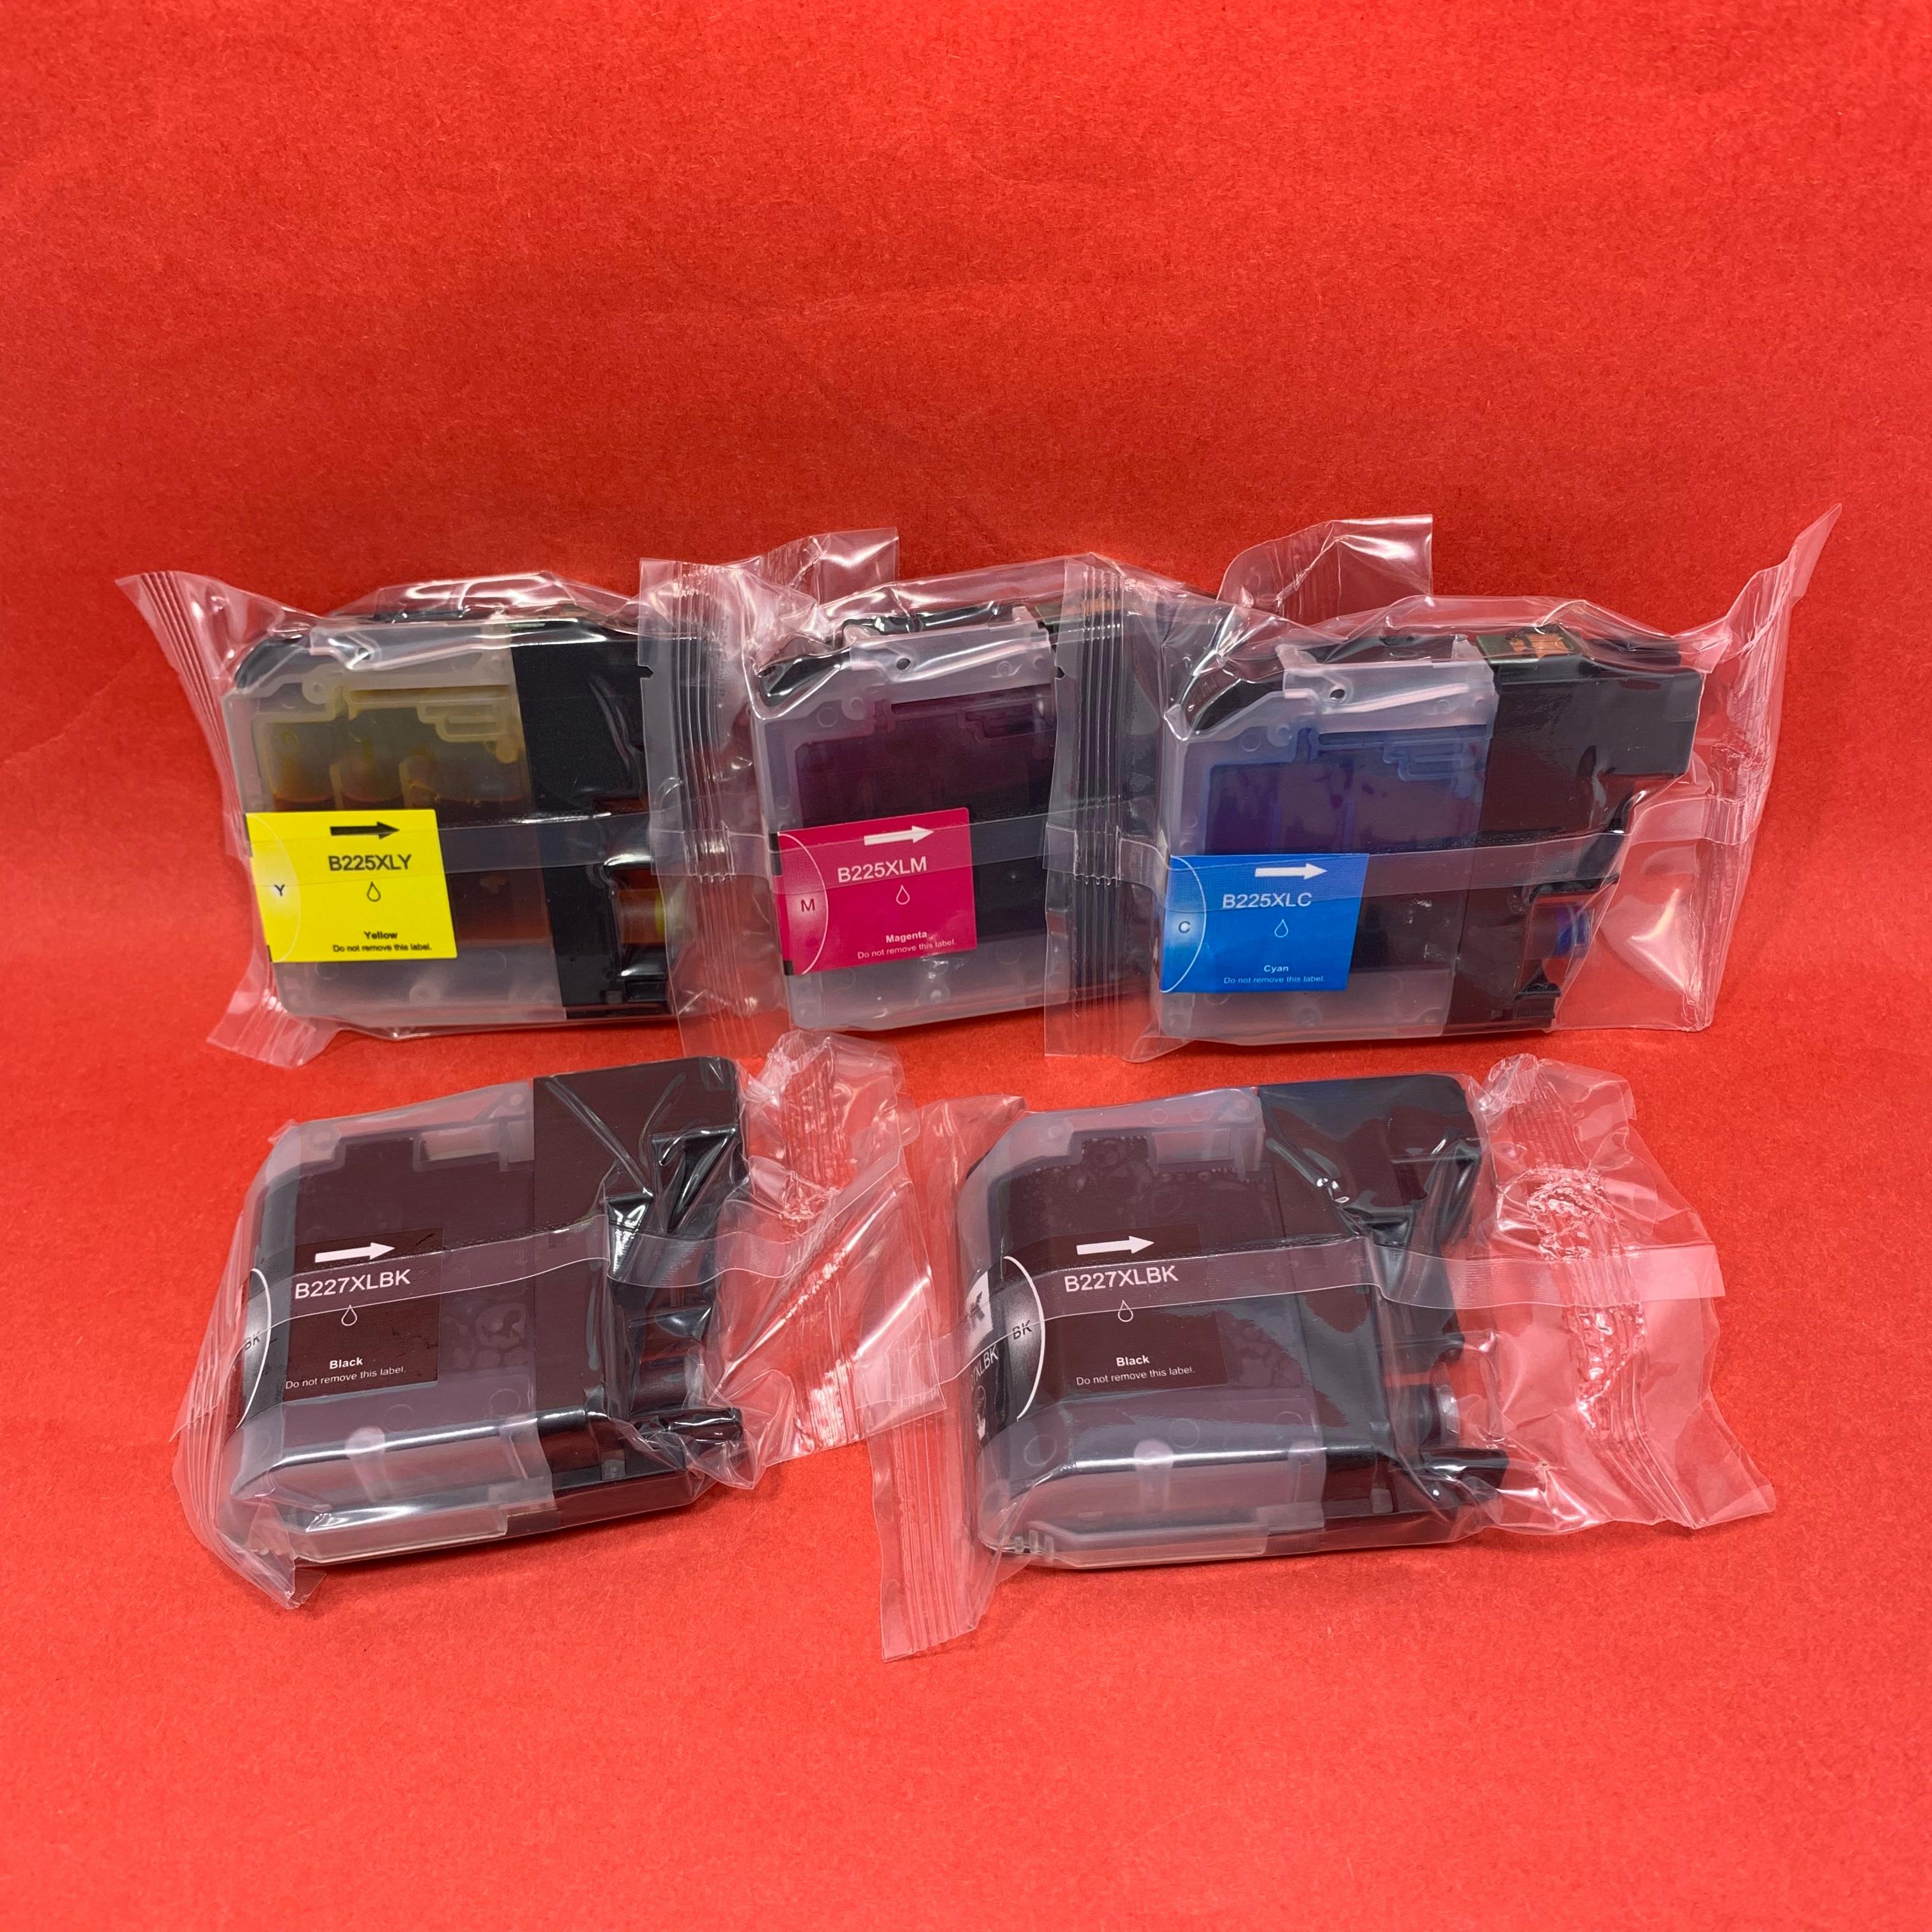 YOTAT 5 шт. совместимый LC227 LC225 чернильный картридж LC227XL для Brother DCP-J4120DW MFC-J4420DW MFC-J4620DW принтер